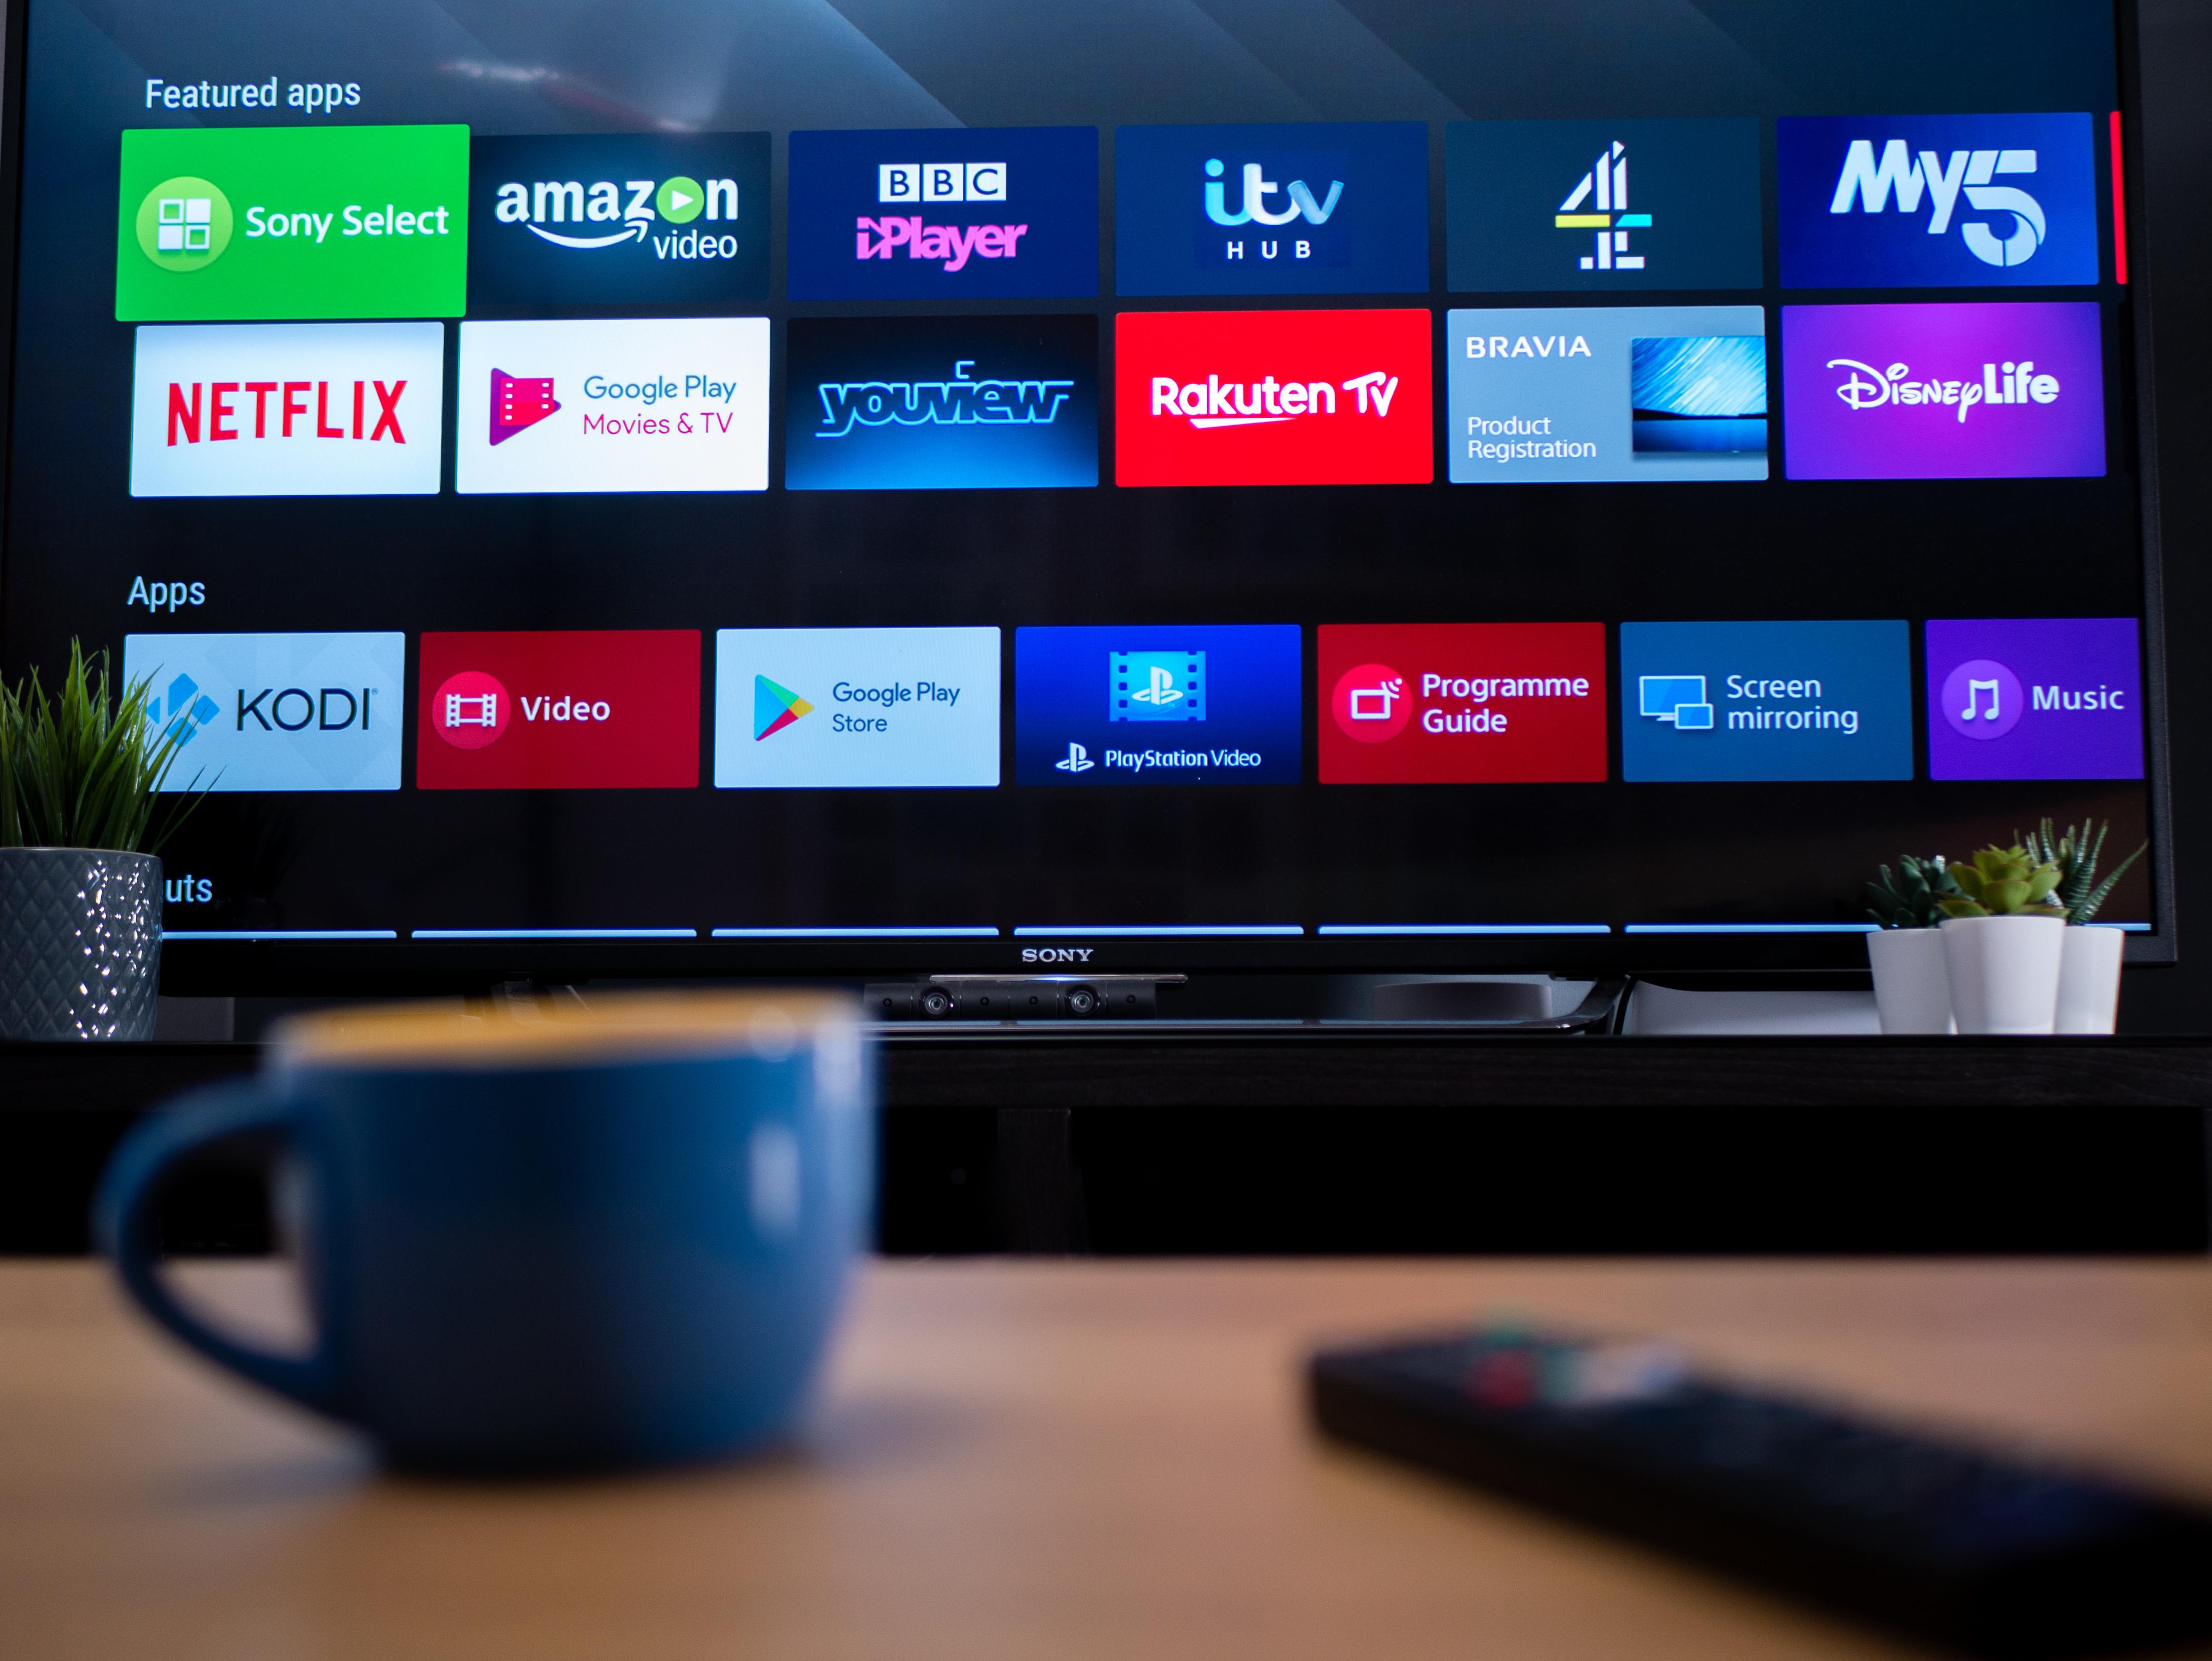 Los televisores inteligentes suelen presentar un acceso más allá de los vídeo.